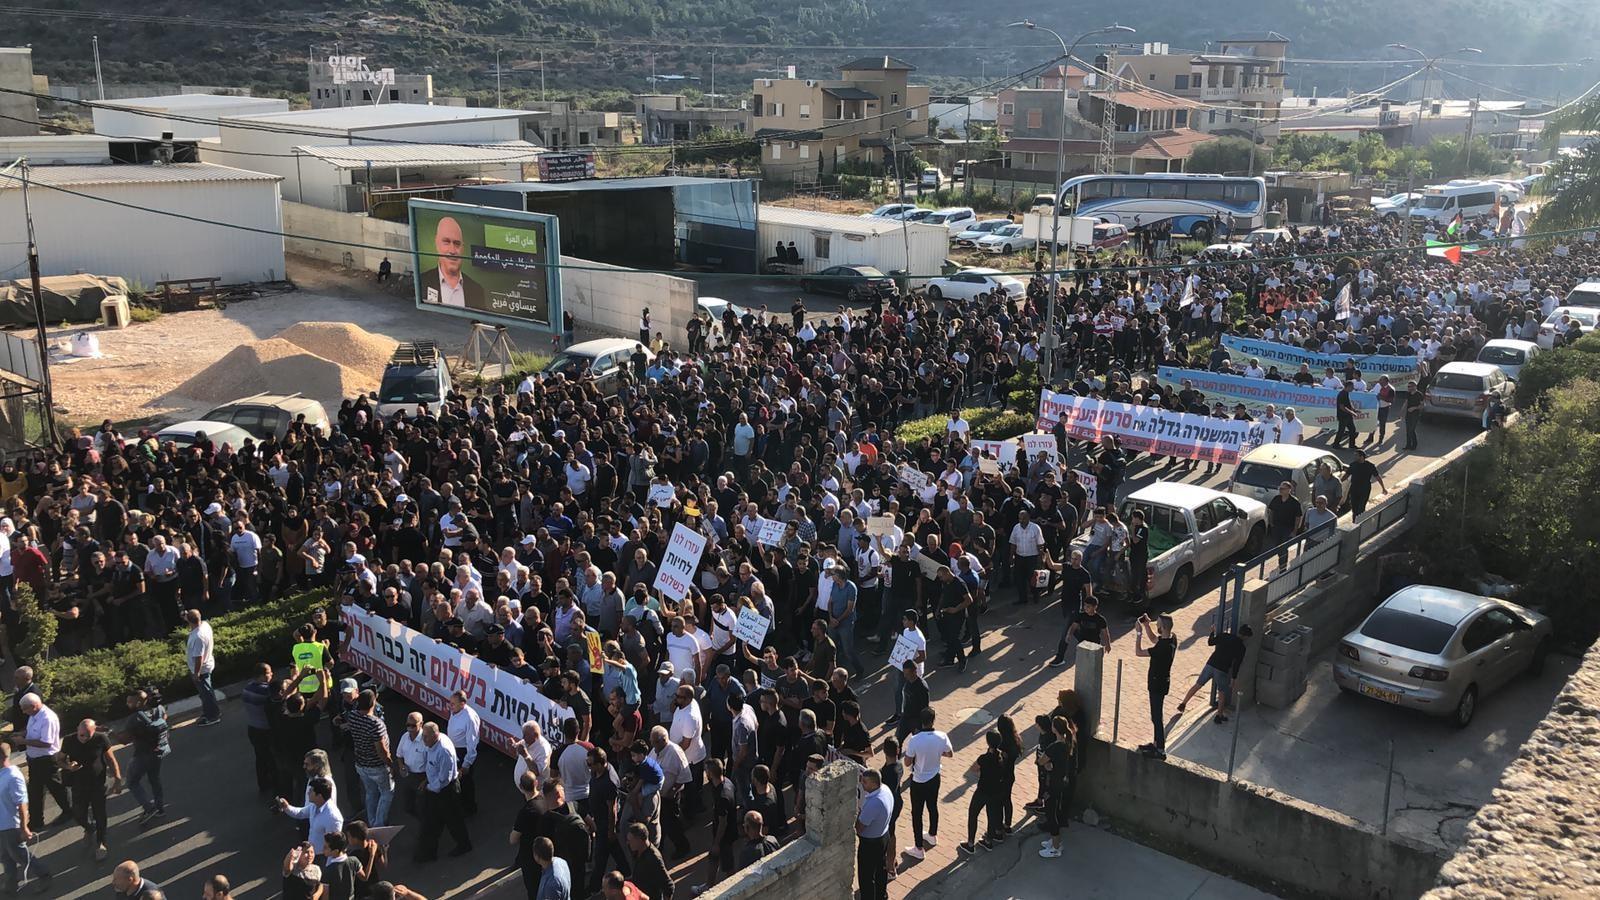 من تظاهرة الأمس في مجد الكروم (عرب ٤٨)